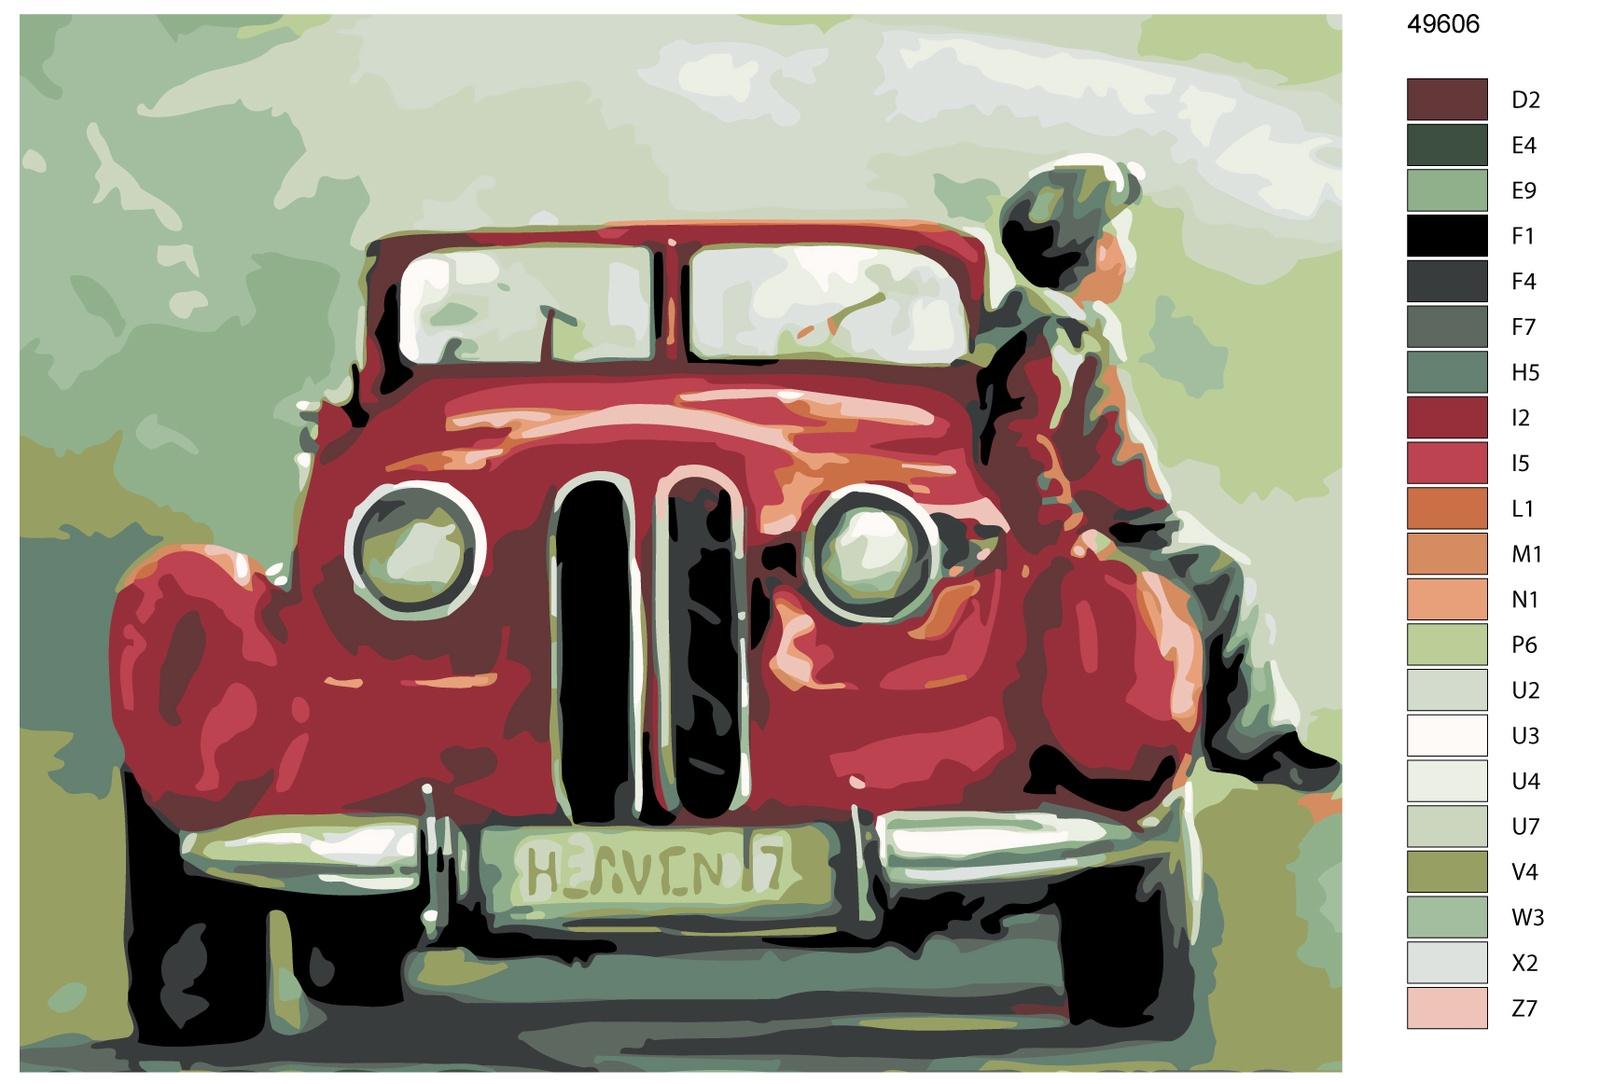 Набор для создания картины Живопись по номерам KTMK-49606KTMK-49606Количество красок от 18 до 24. Картина раскрашивается без смешивания красок. Высококачественные акриловые краски собственного производства сделают вашу картину яркой и уникальной. Все необходимые материалы есть в комплекте: натуральный хлопковый холст, натянутый на деревянный подрамник, баночки с акриловыми красками на водной основе, 3 кисти из качественного нейлона, схема раскрашивания, инструкция. Просто закрашивайте участки красками с соответствующим номером.